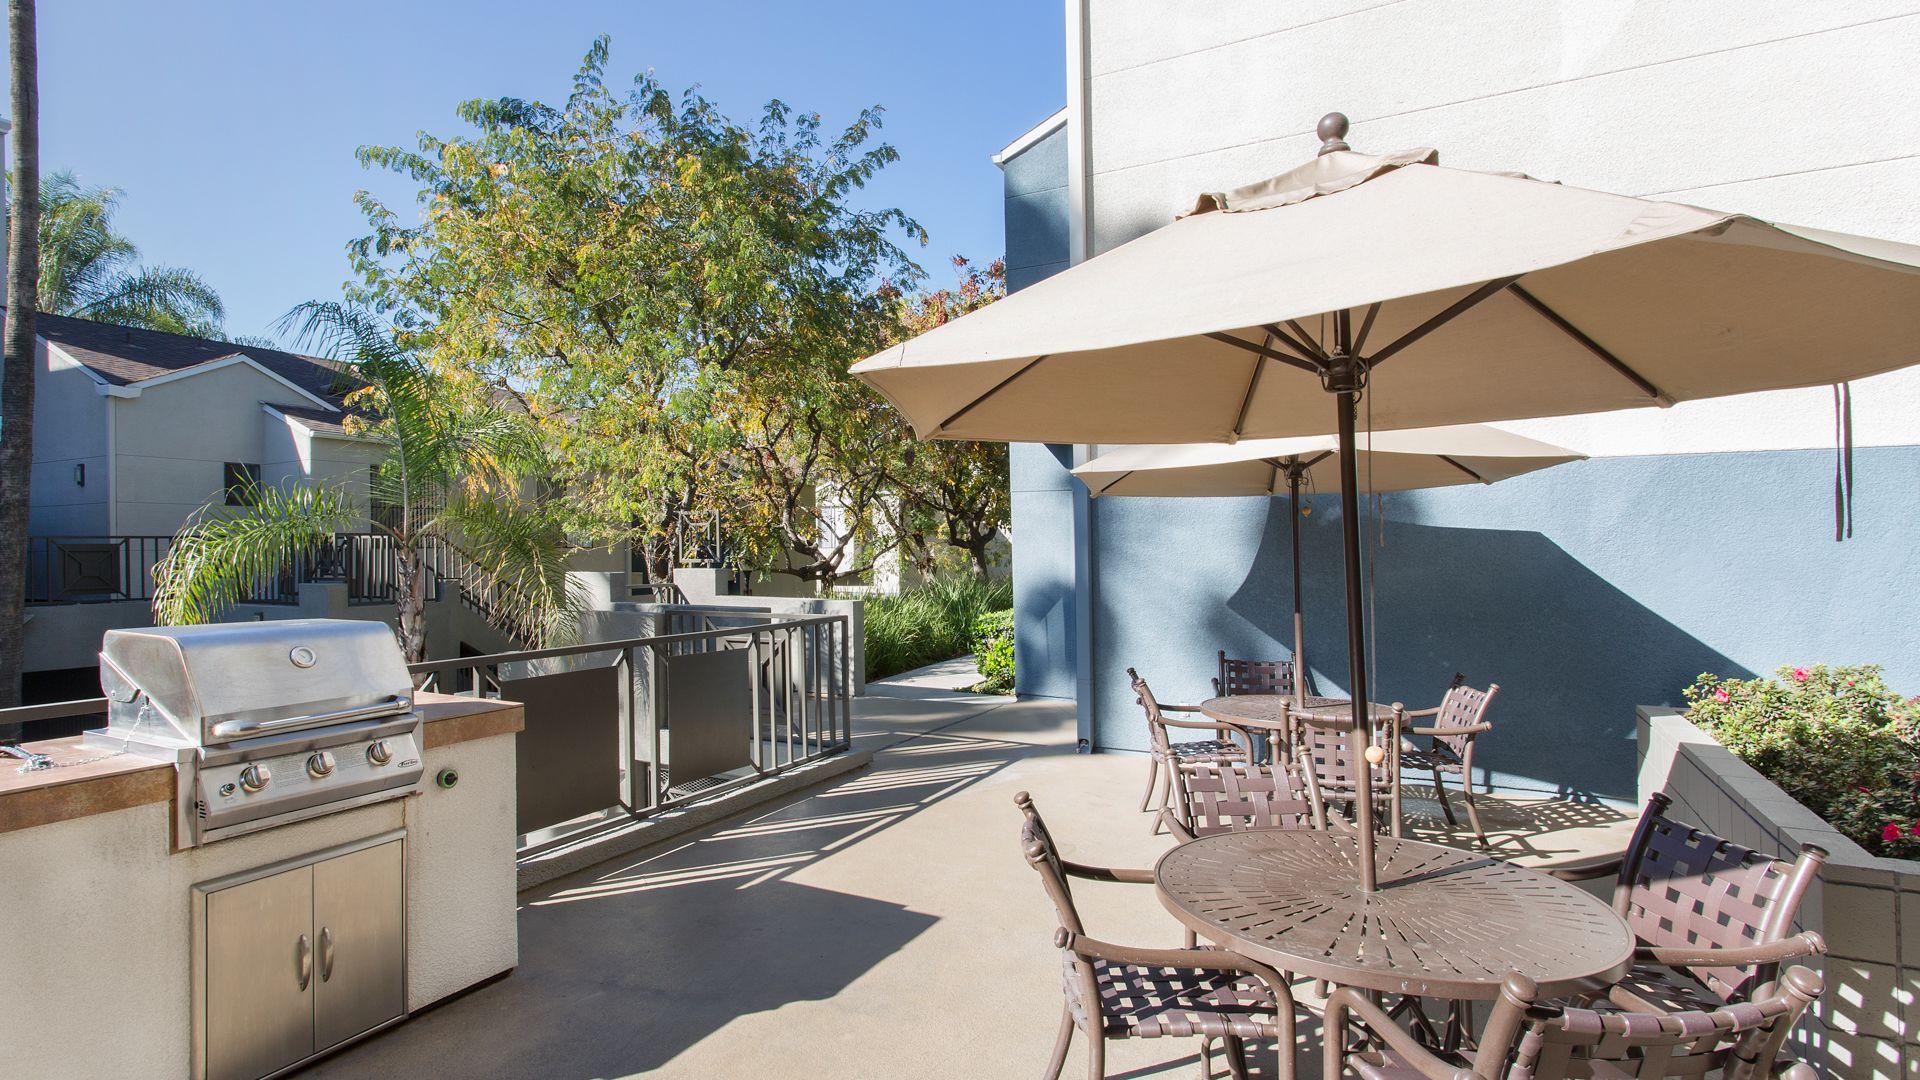 Prado Apartments - Grilling Area